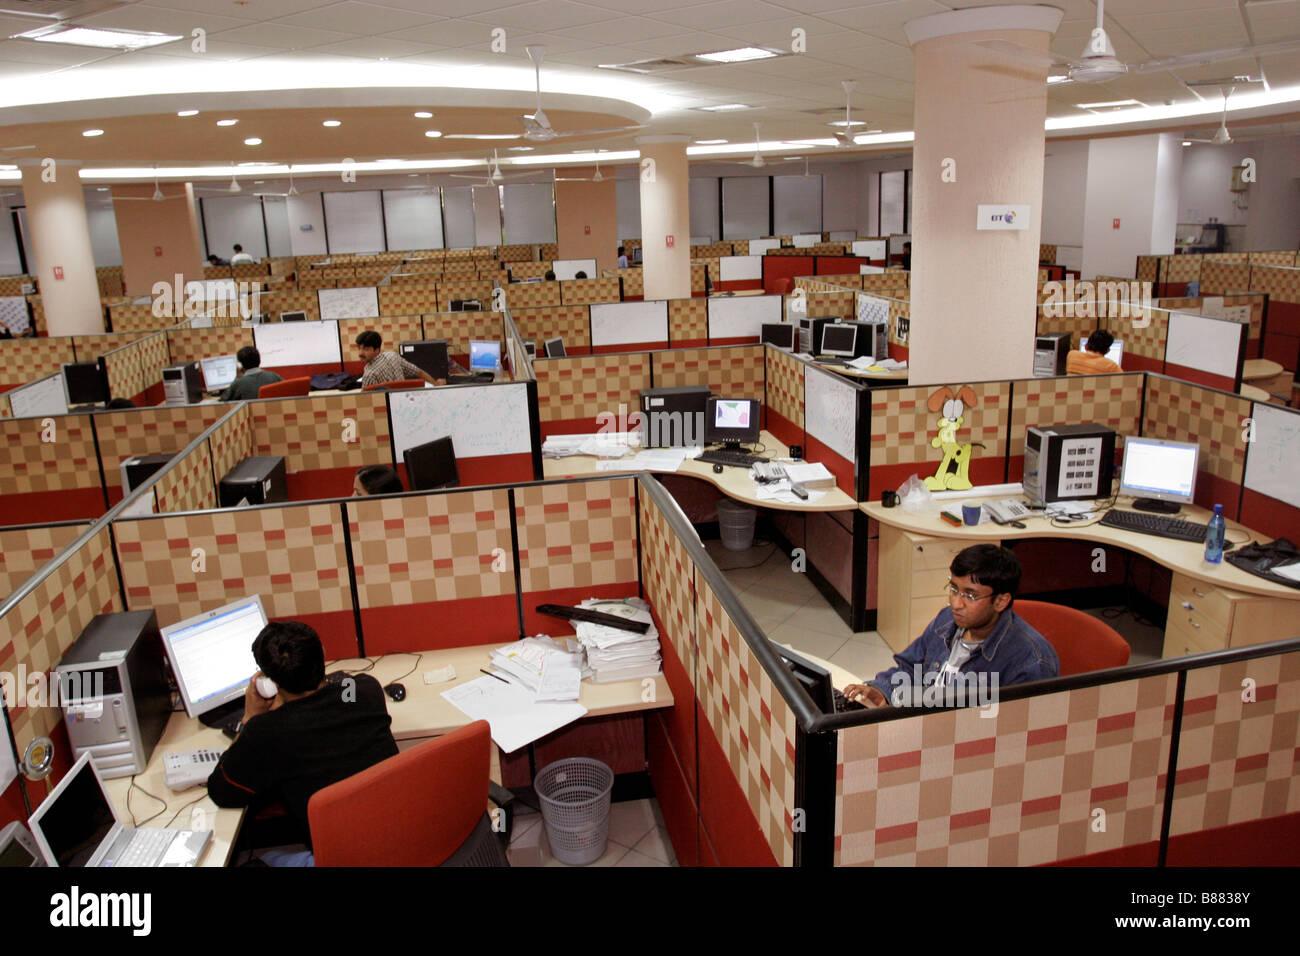 Ein Blick ins Innere der Büroarbeit wo indische Computertechniker Hauptquartier der Infosys in Bangalore in Indien Stockfoto